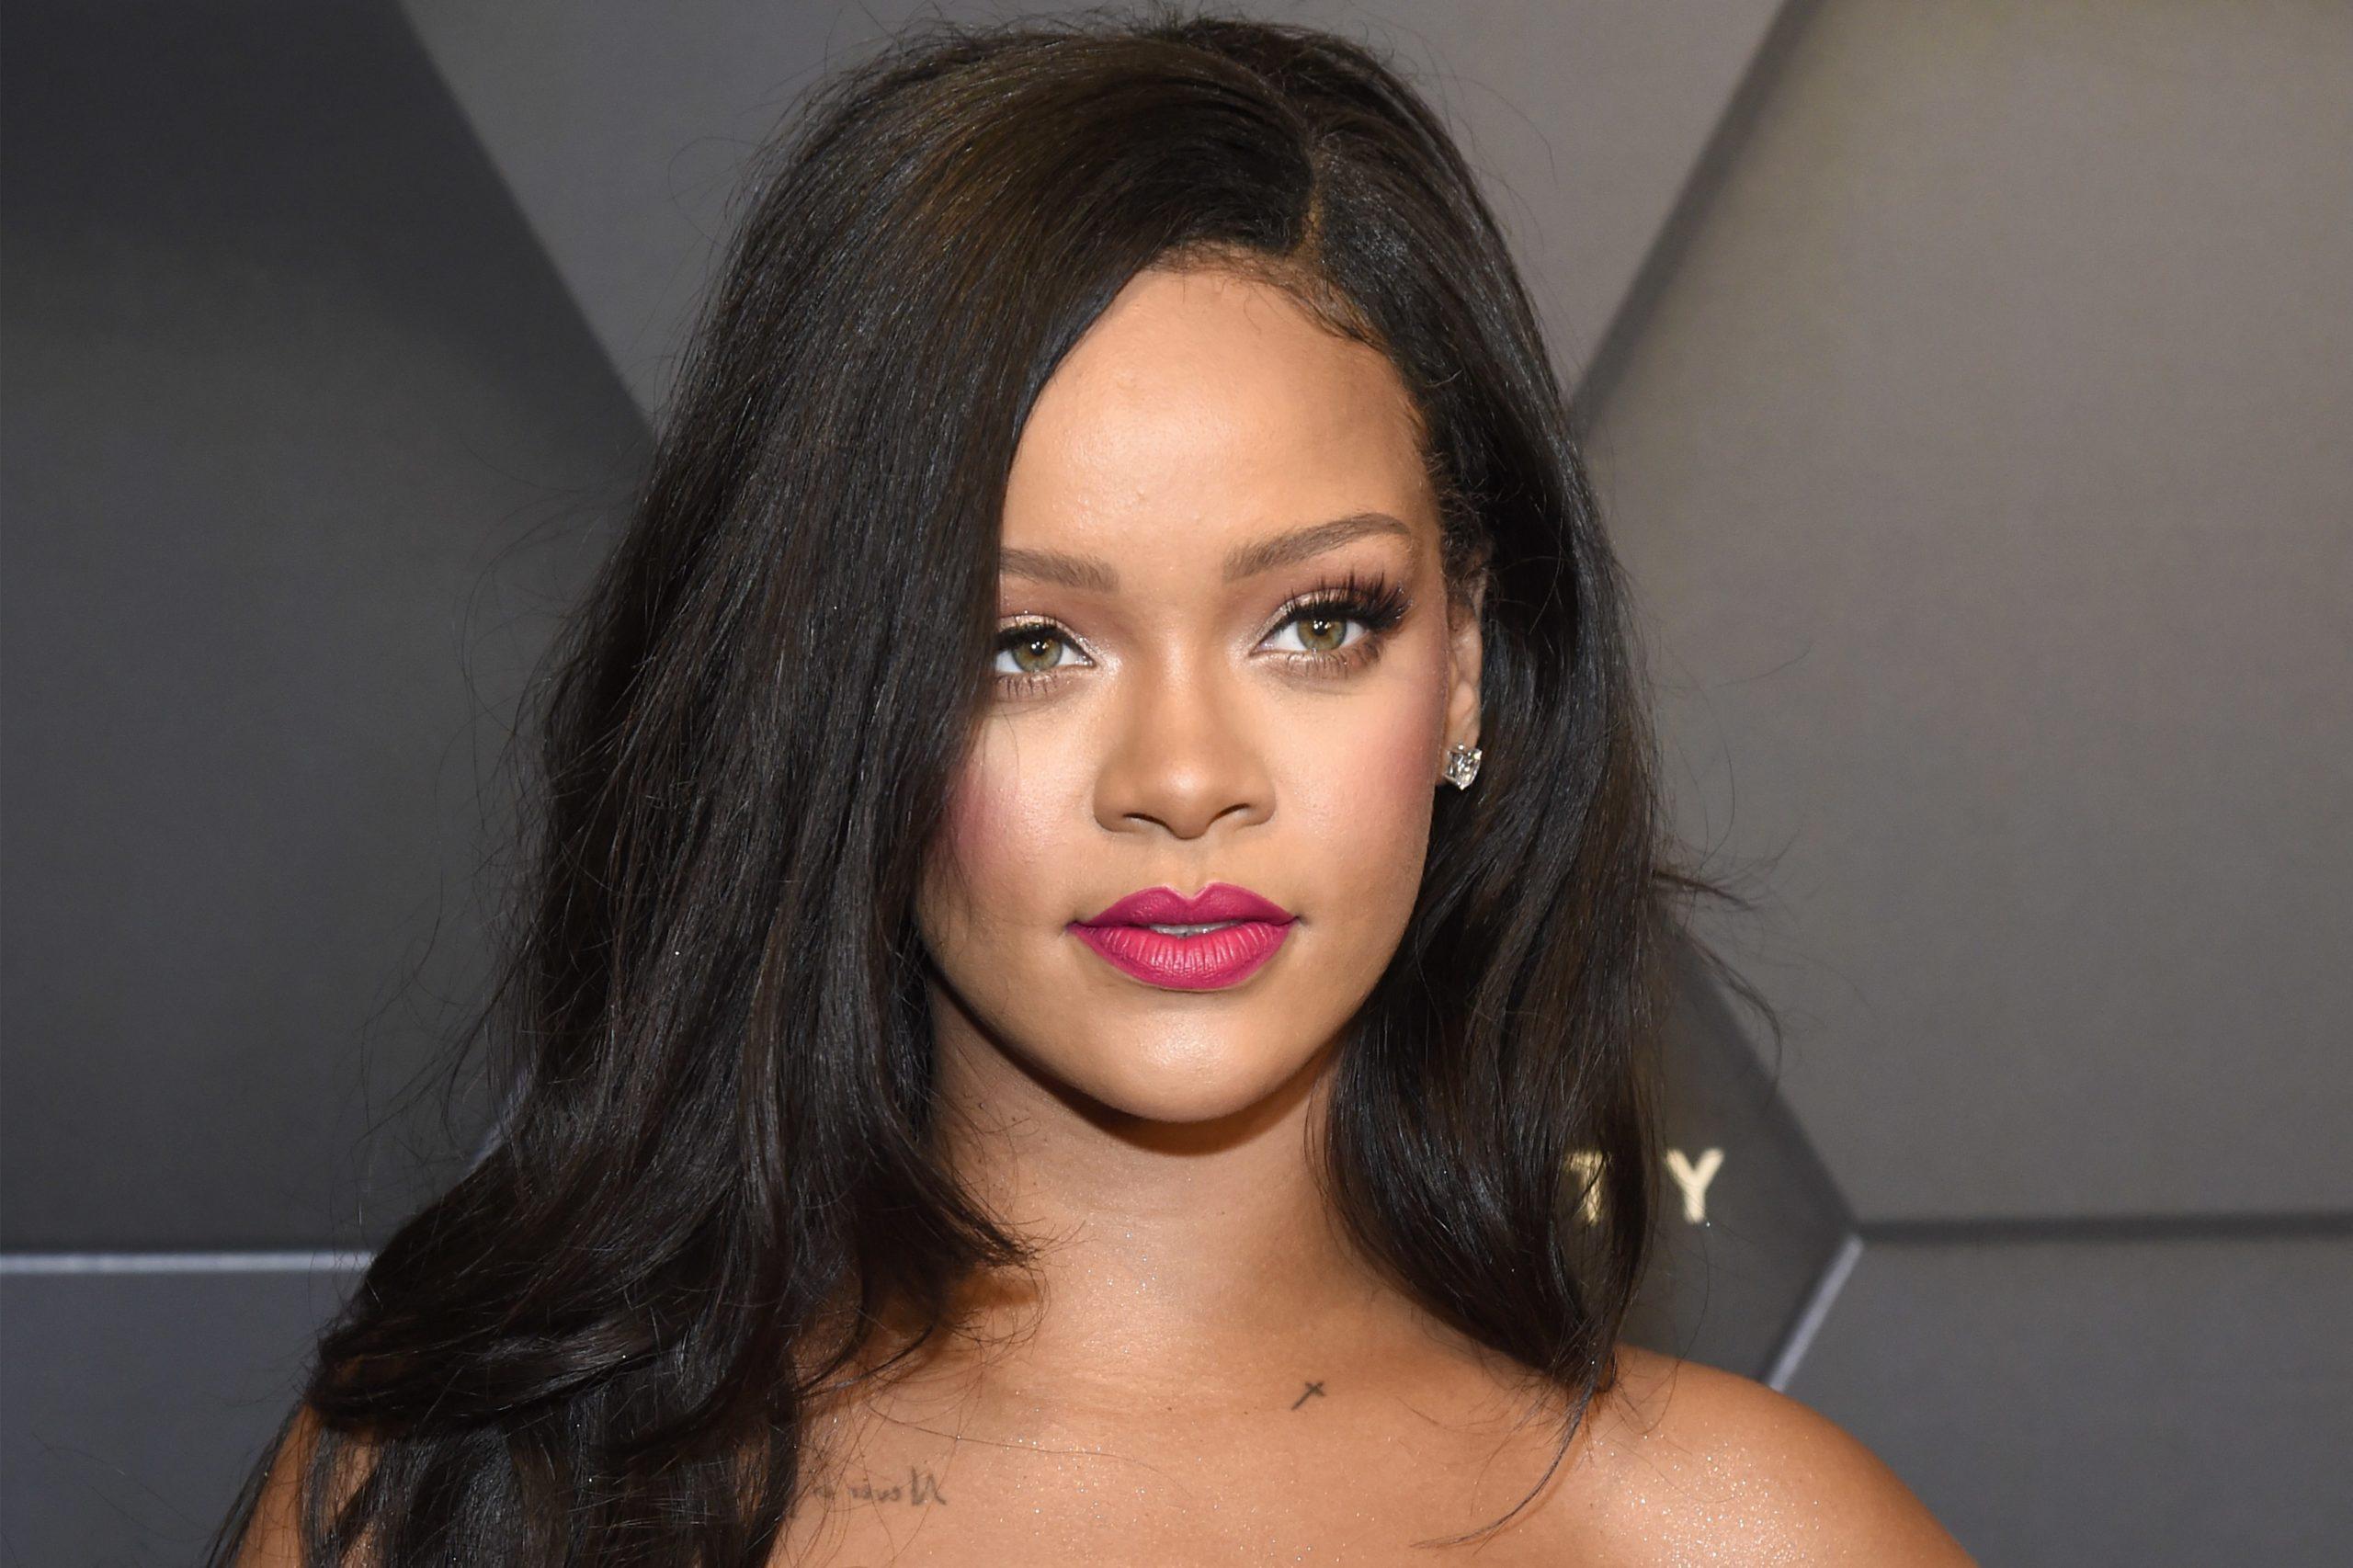 Rihanna surge sem calcinha e vídeo comprometedor viraliza (Foto: Reprodução)